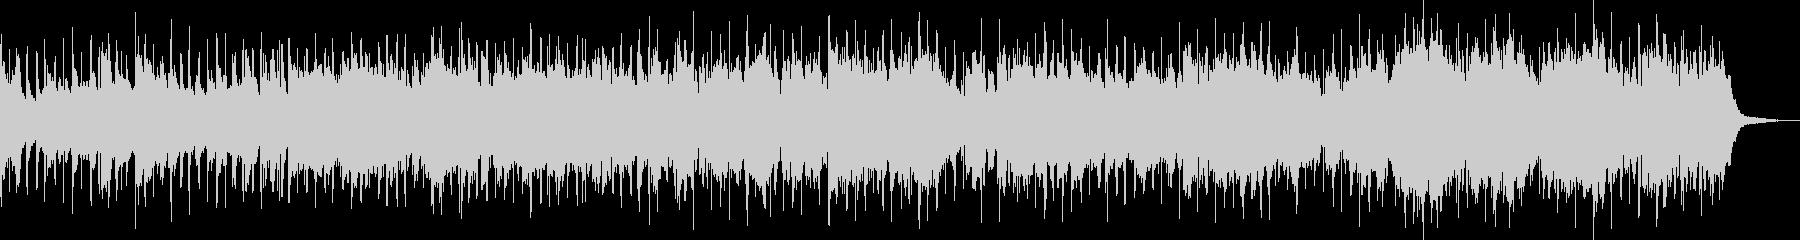 メロウなピアノの心地良いlo-fiビートの未再生の波形